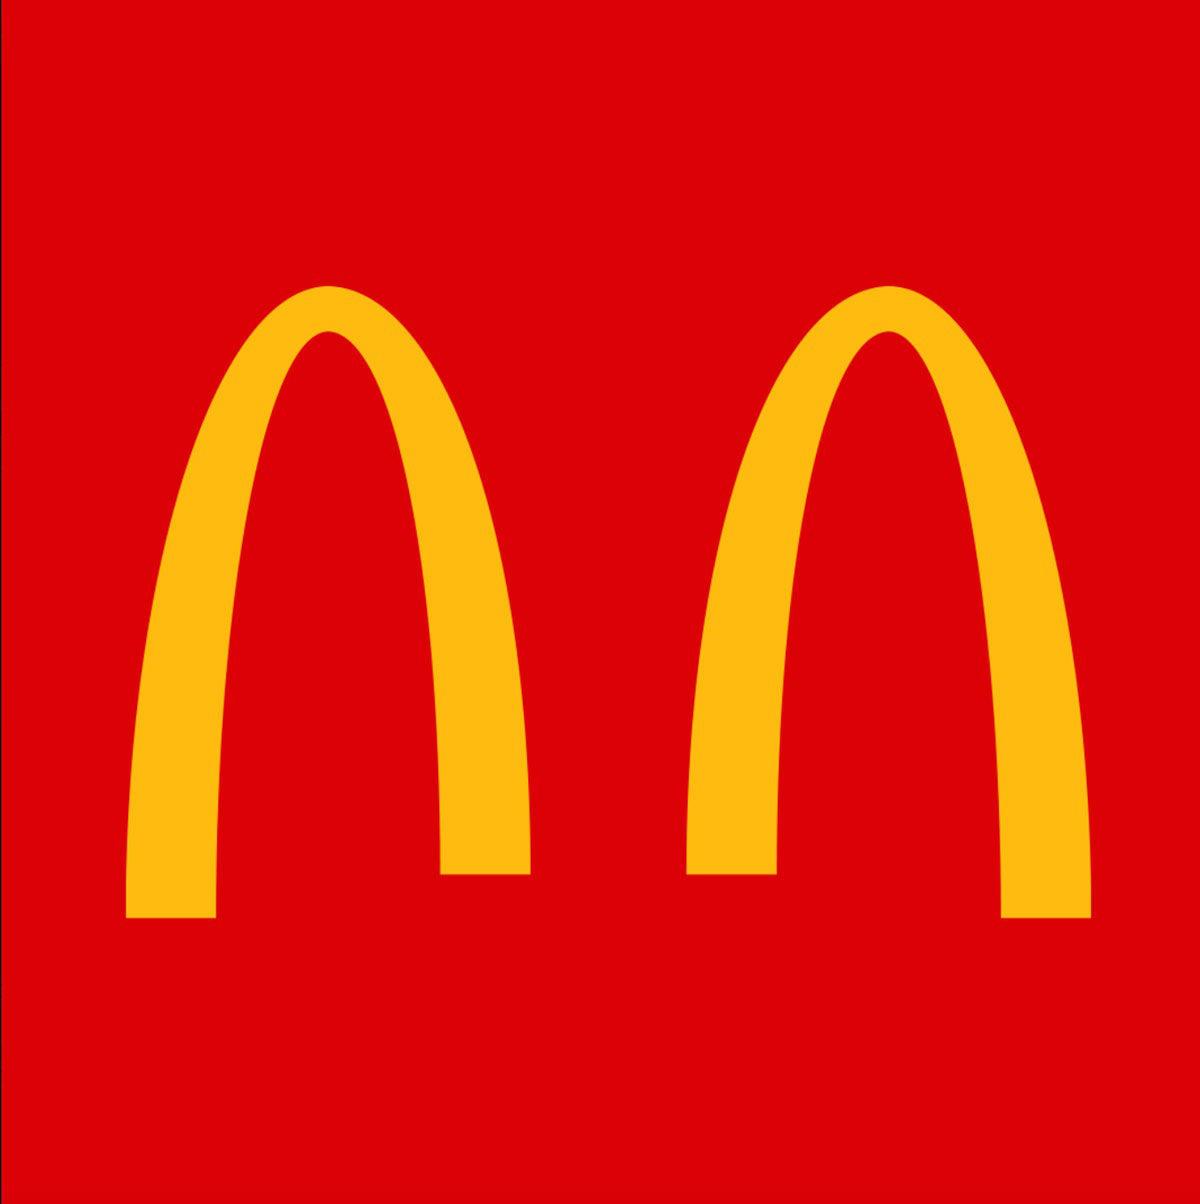 Ngắm logo của những thương hiệu nổi tiếng phiên bản 'tạm xa nhau' thời Covid - 19 - Ảnh 2.